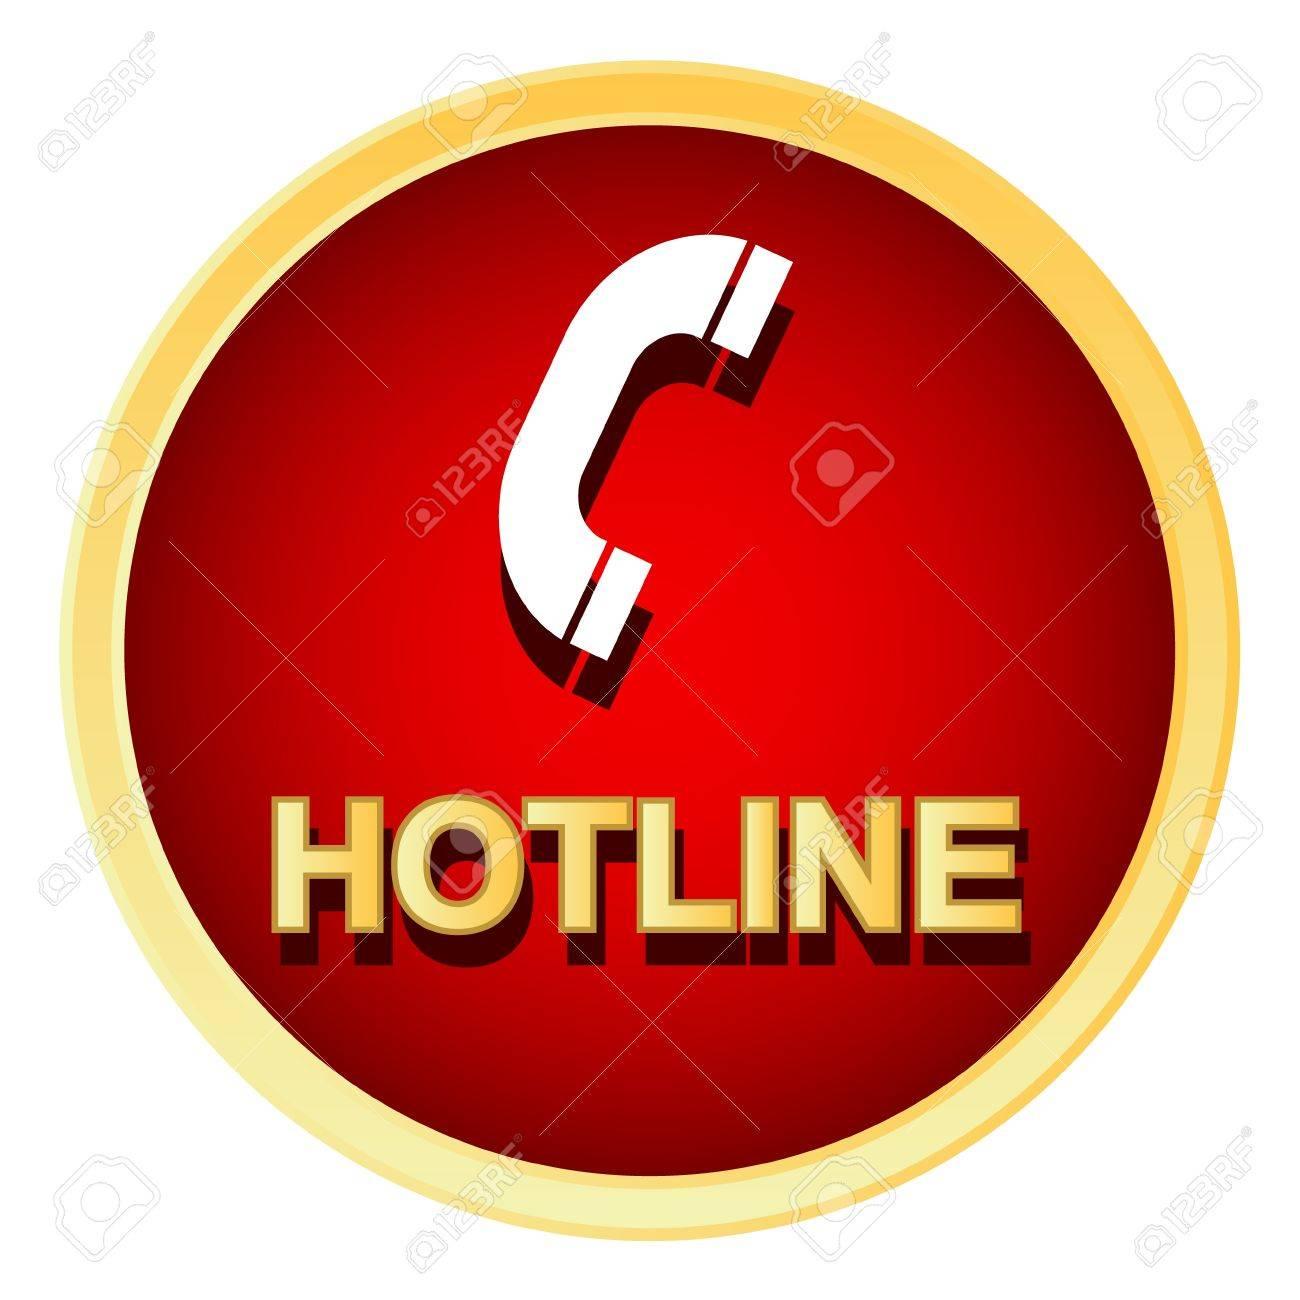 白地に赤いホットライン ロゴ ロ...